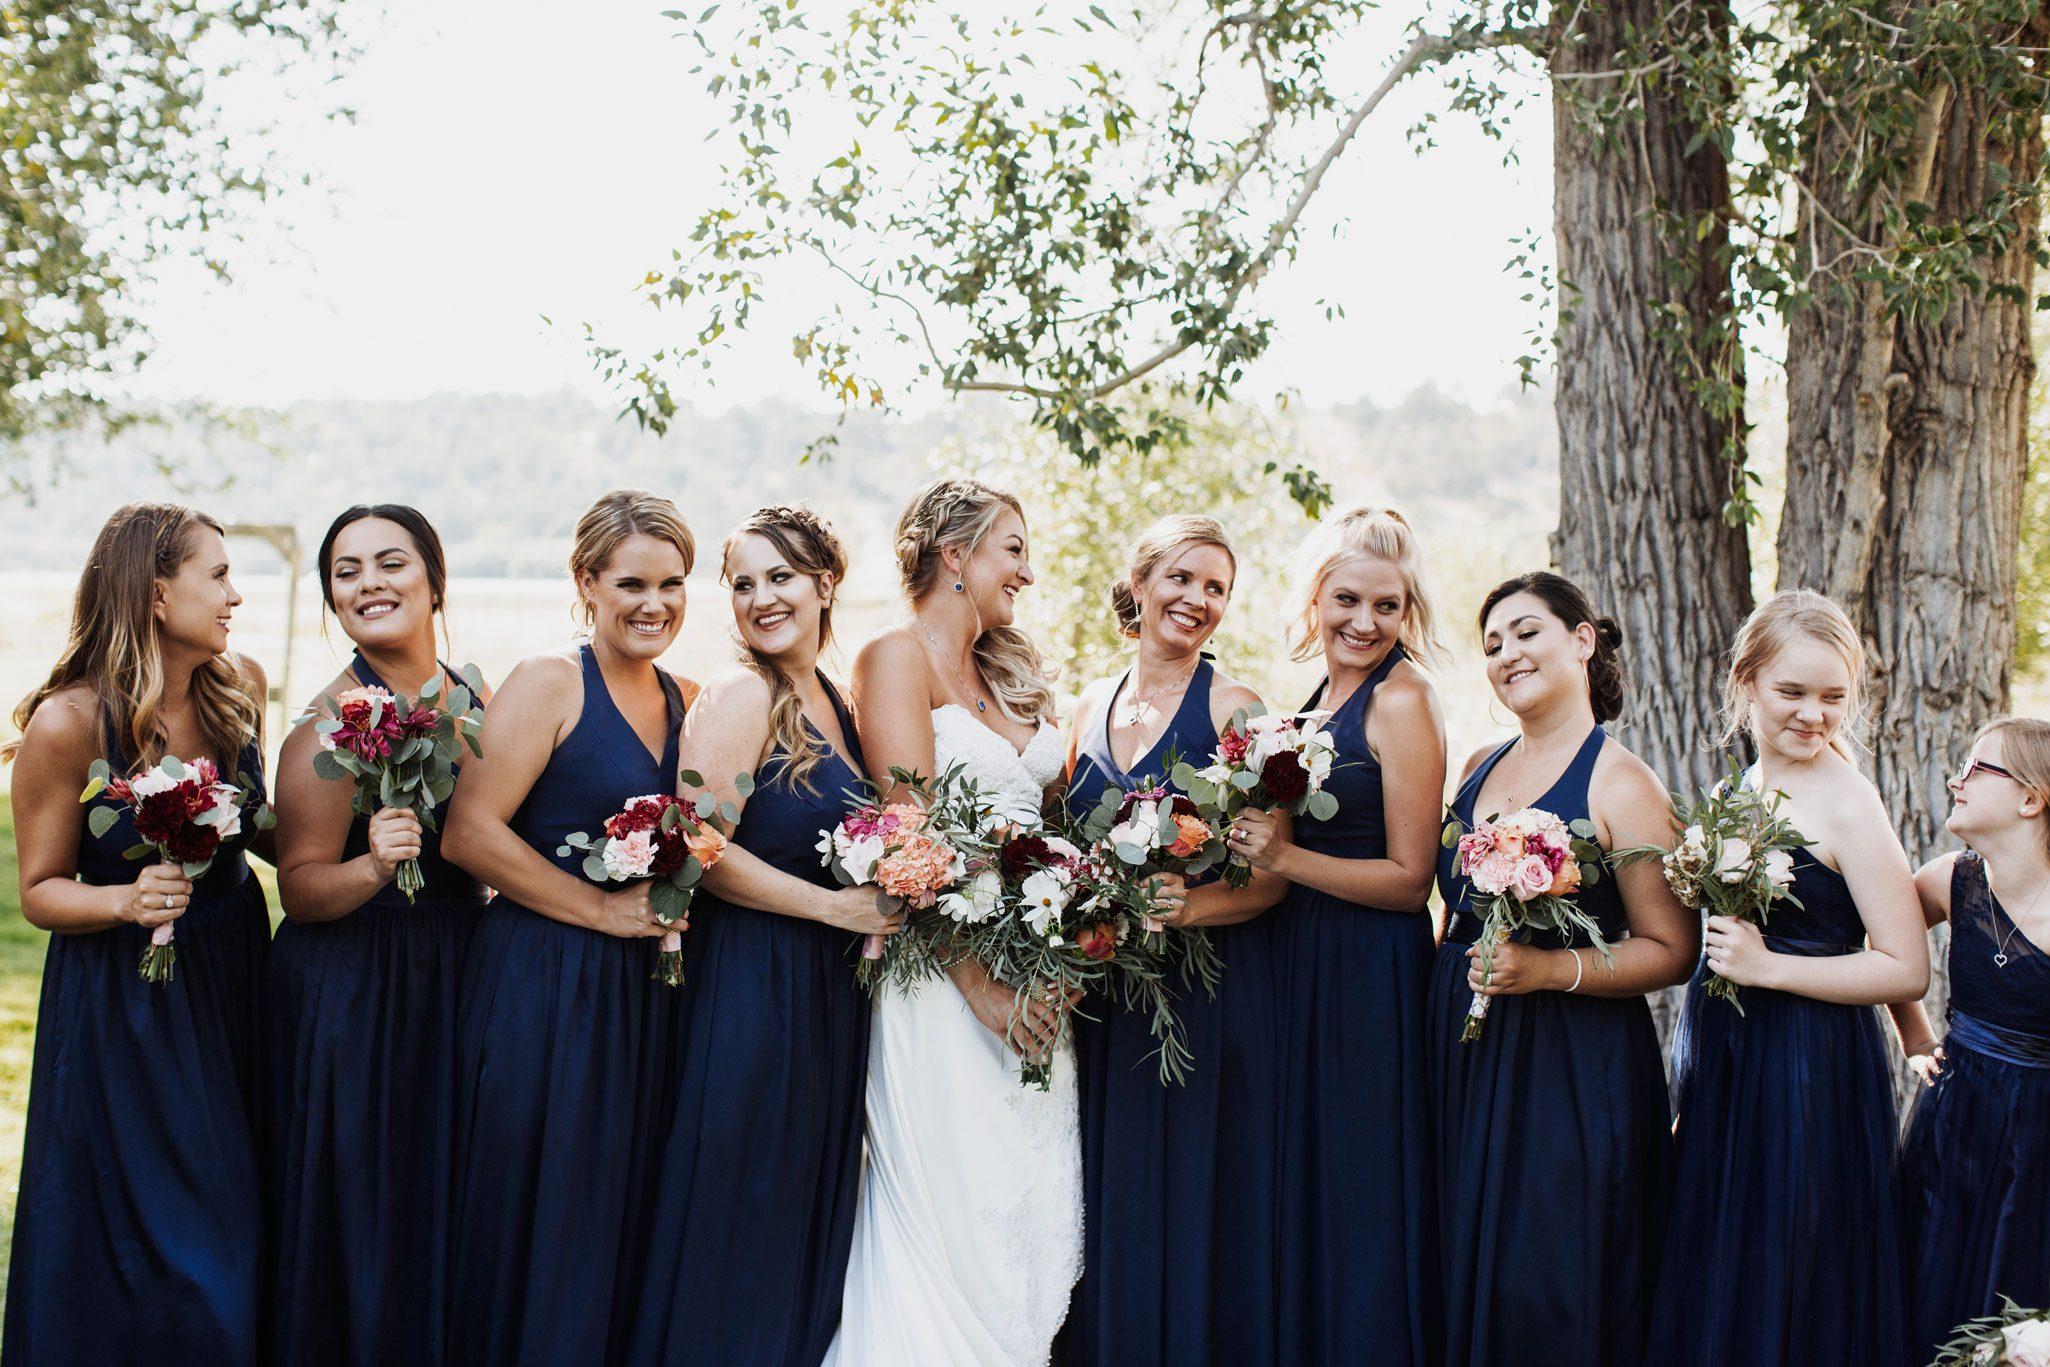 Birdesmaids in navy blue